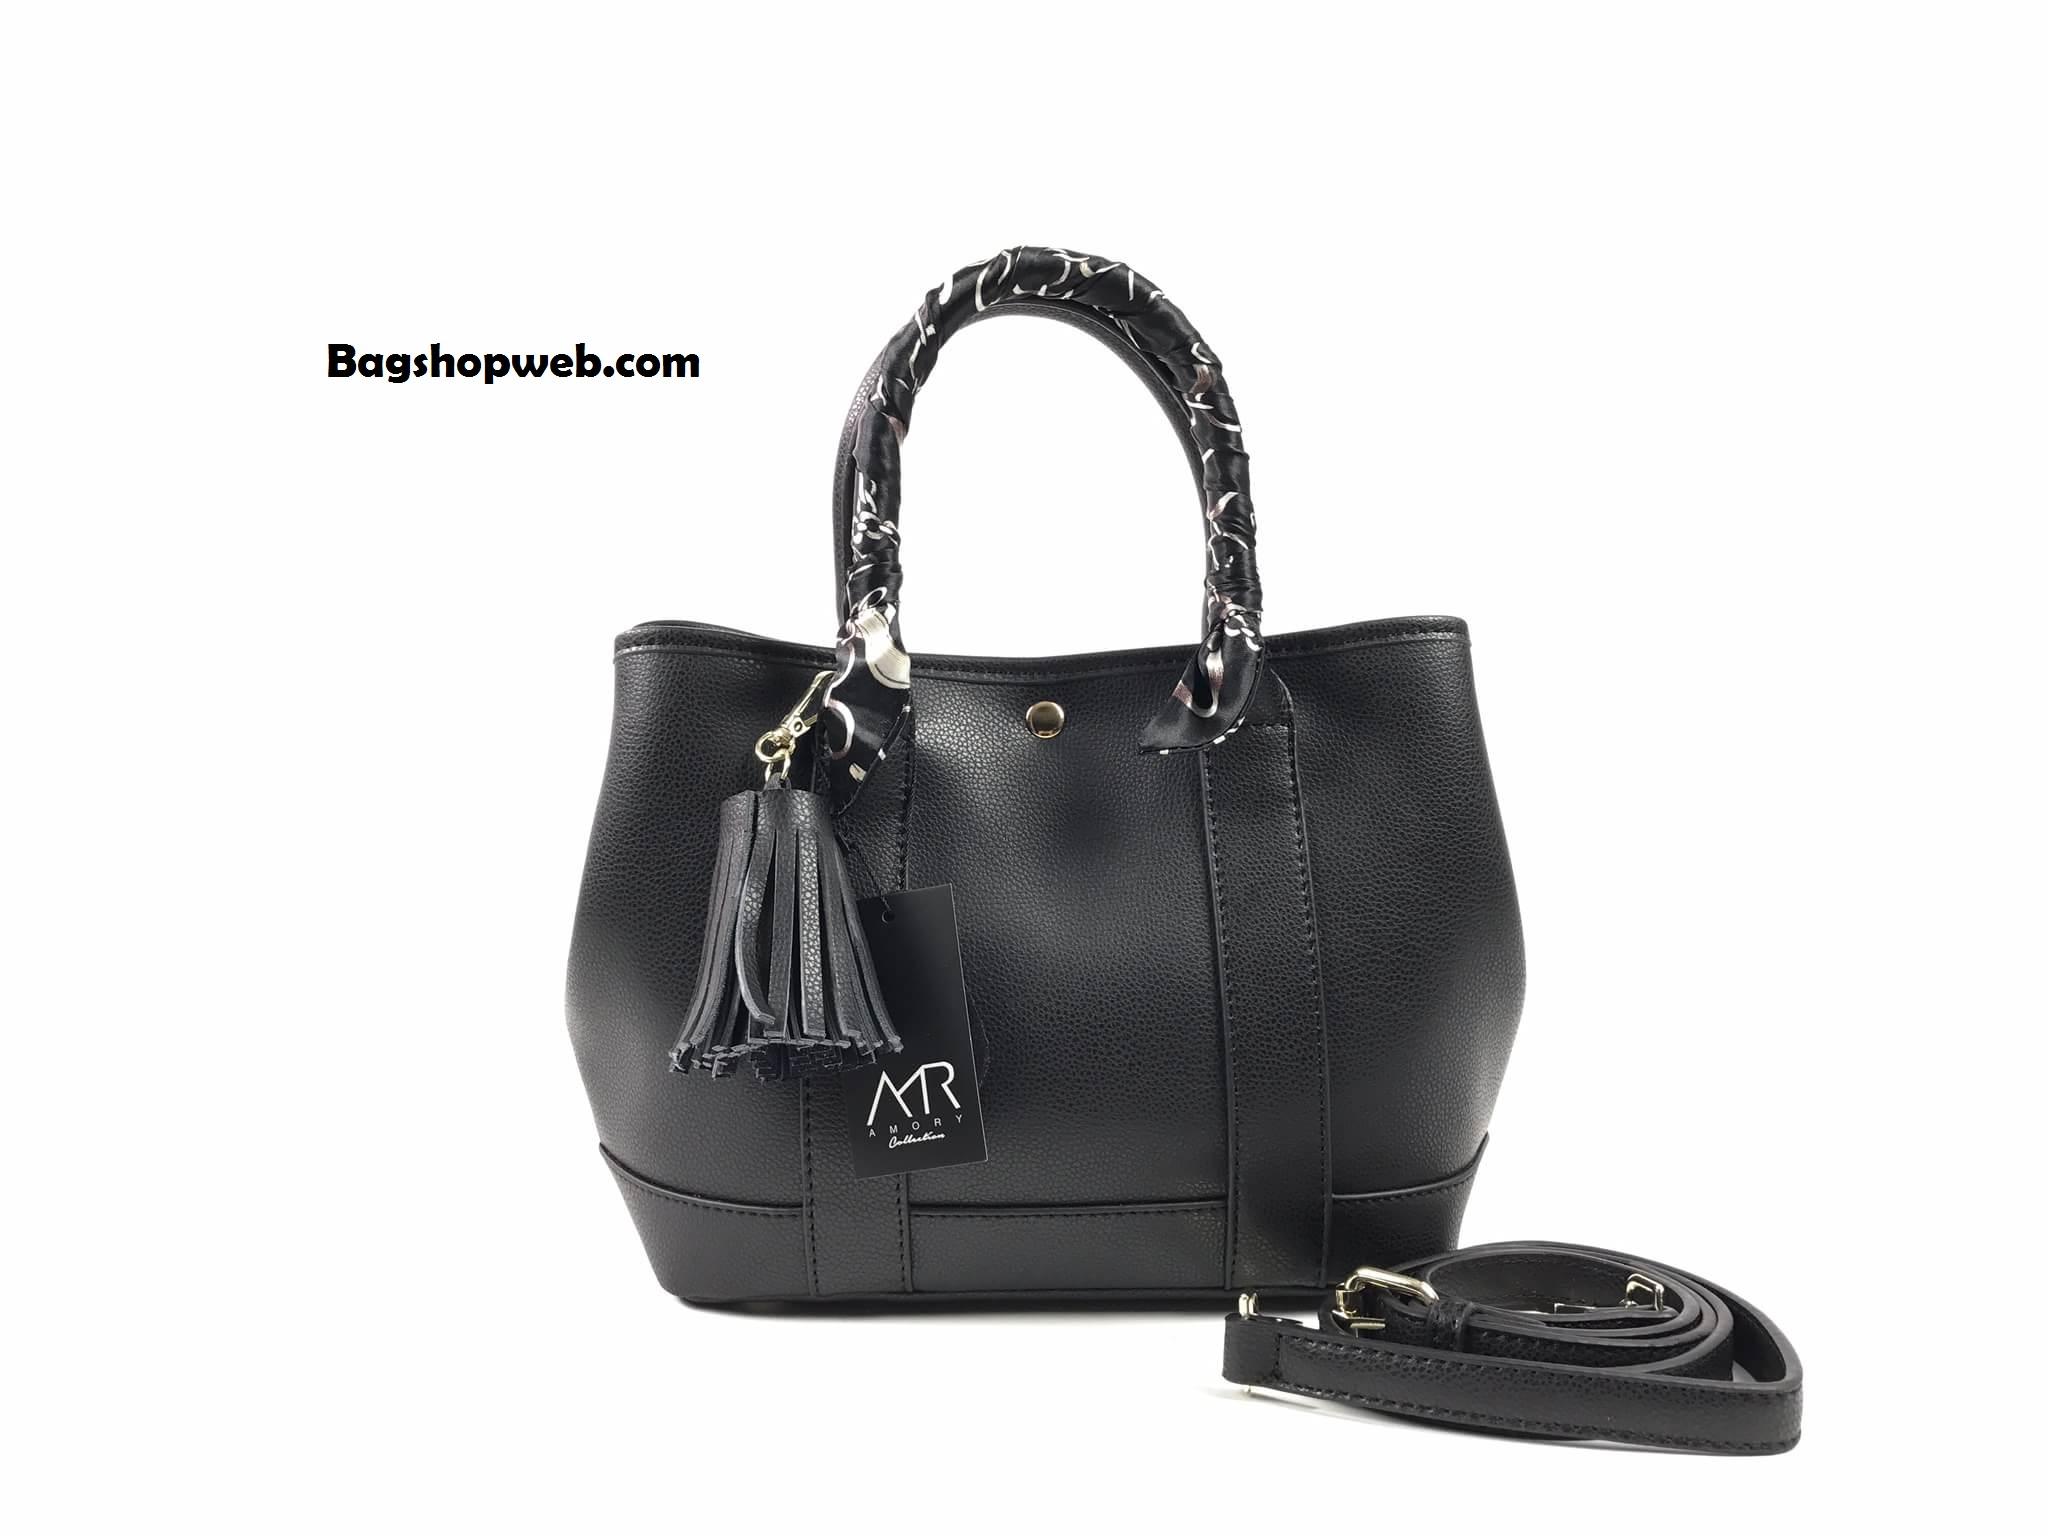 กระเป๋า Amory Twilly bag กระเป๋าทรงถือ กระเป๋าหนังแท้ ทรงสุดฮอต สีดำ